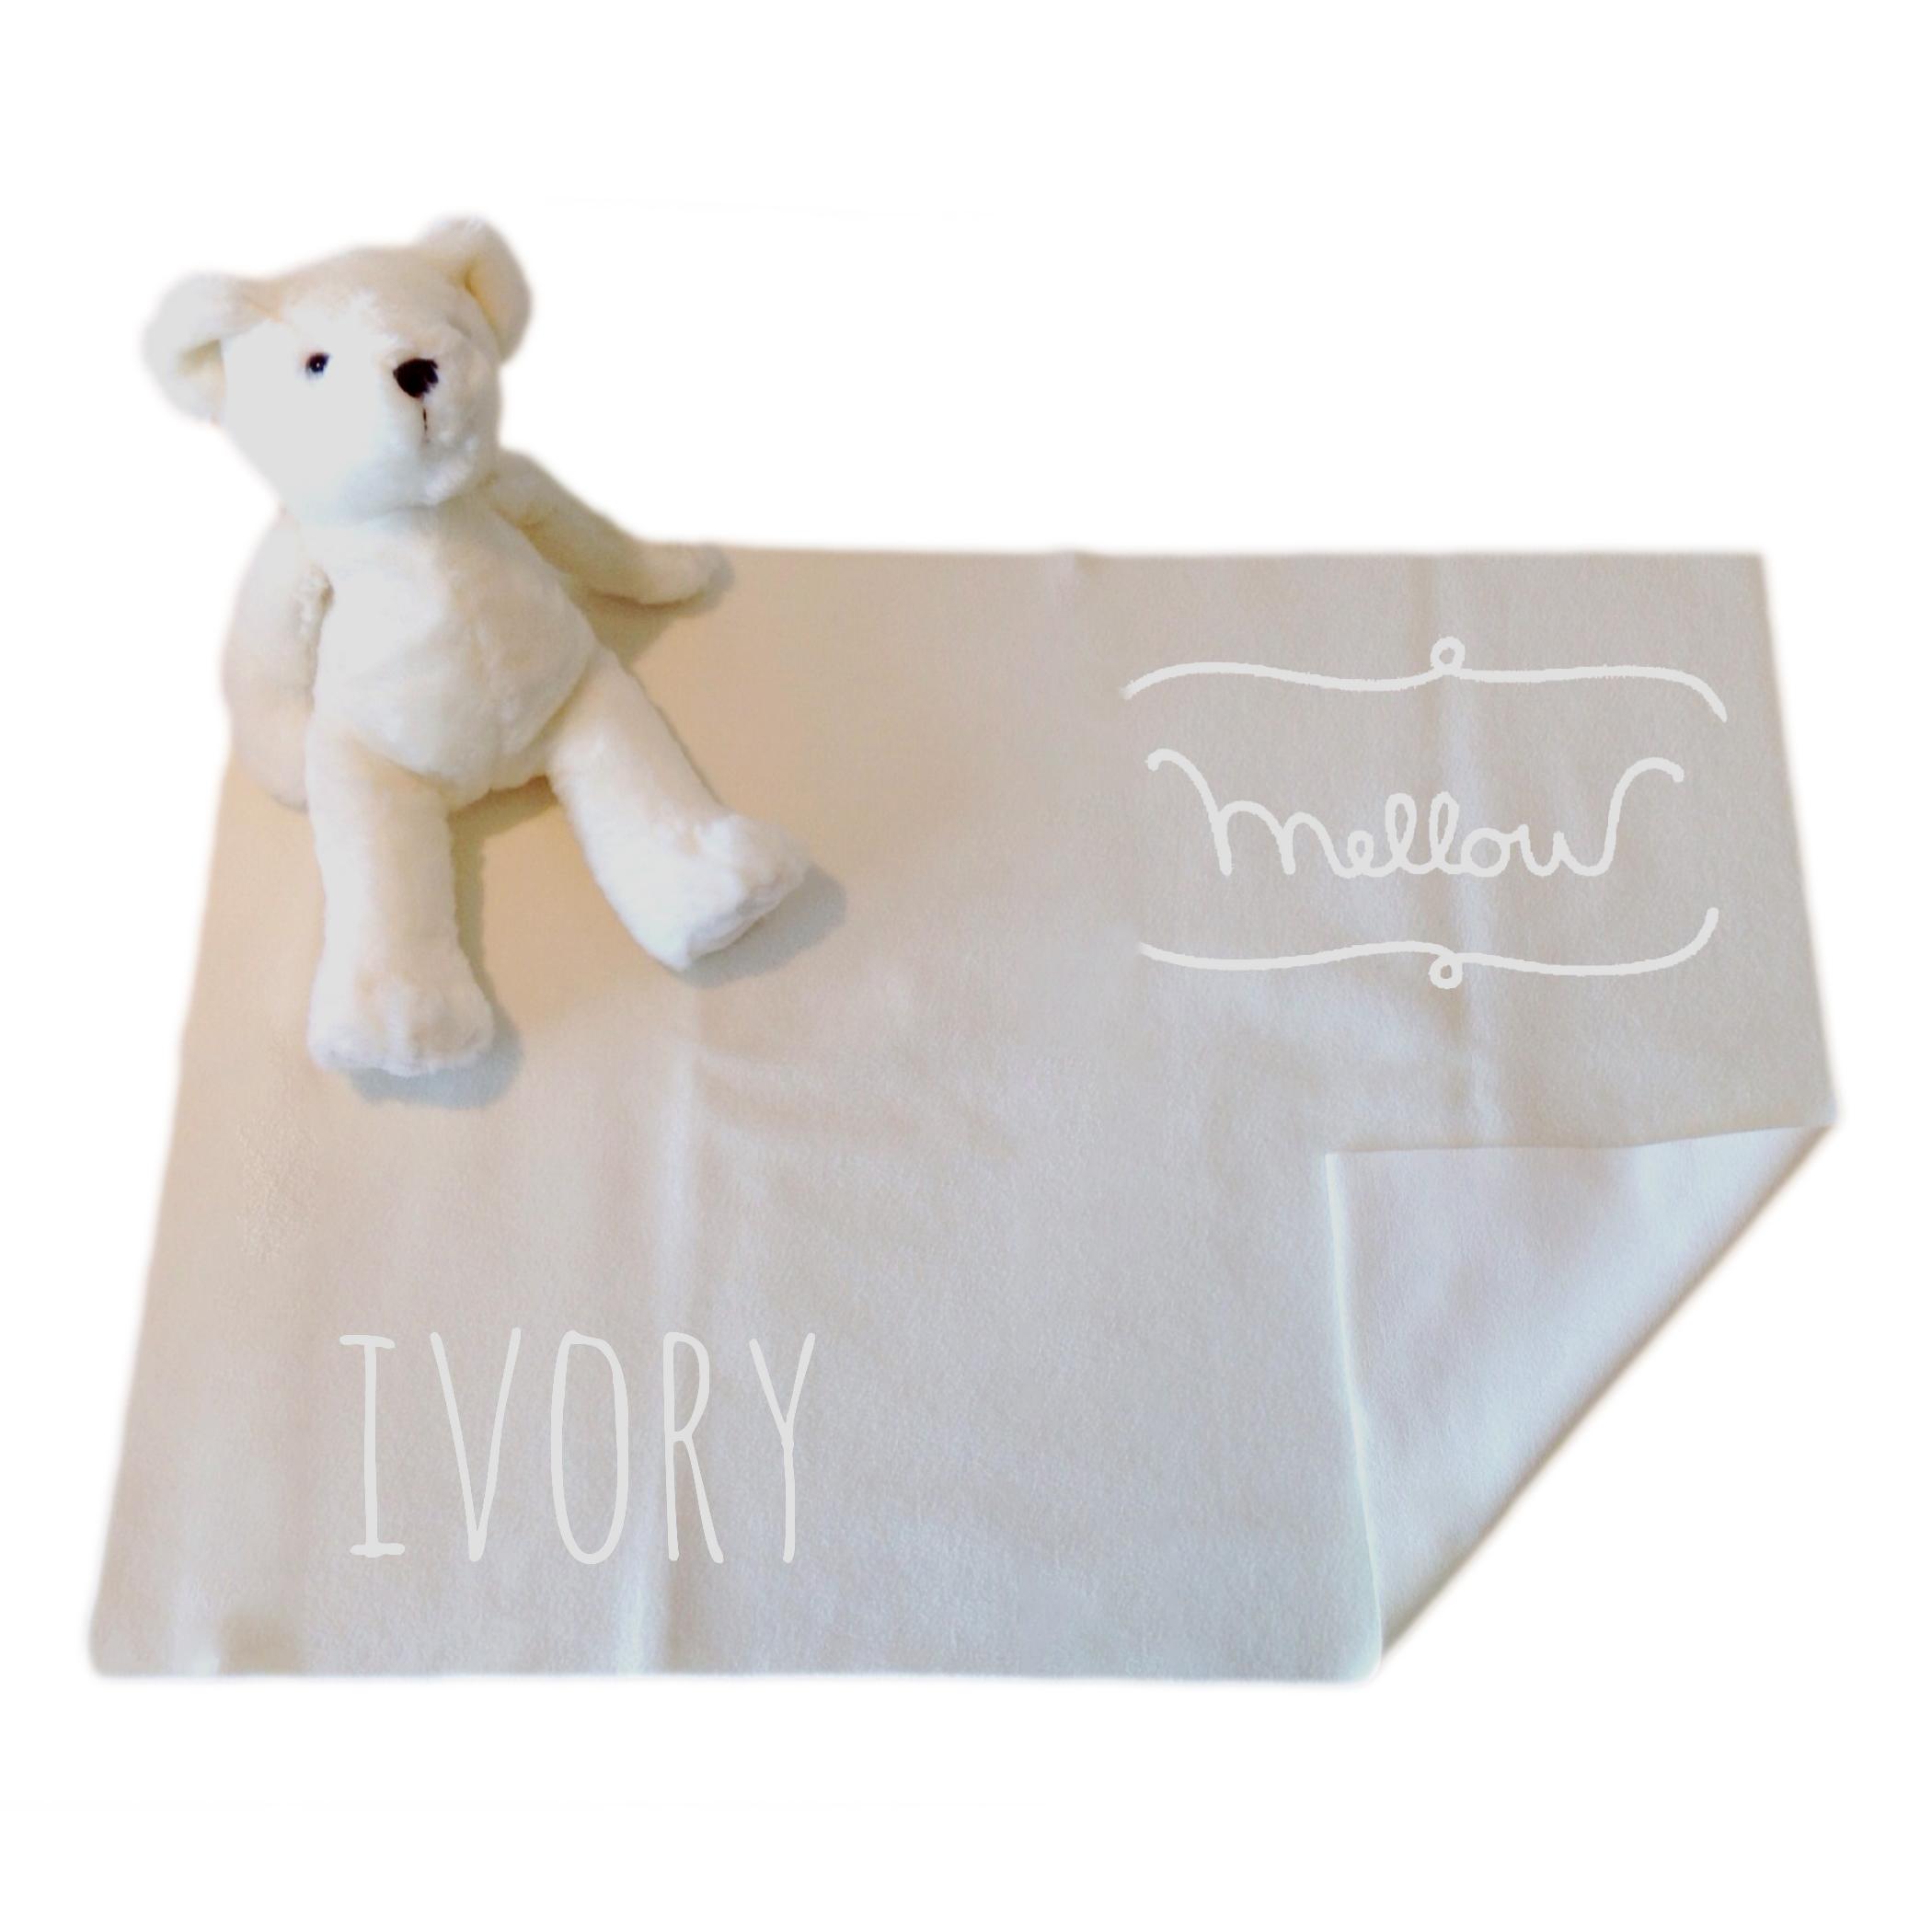 ผ้ารองกันฉี่ Mellow Quick dry SIZE S Ivory